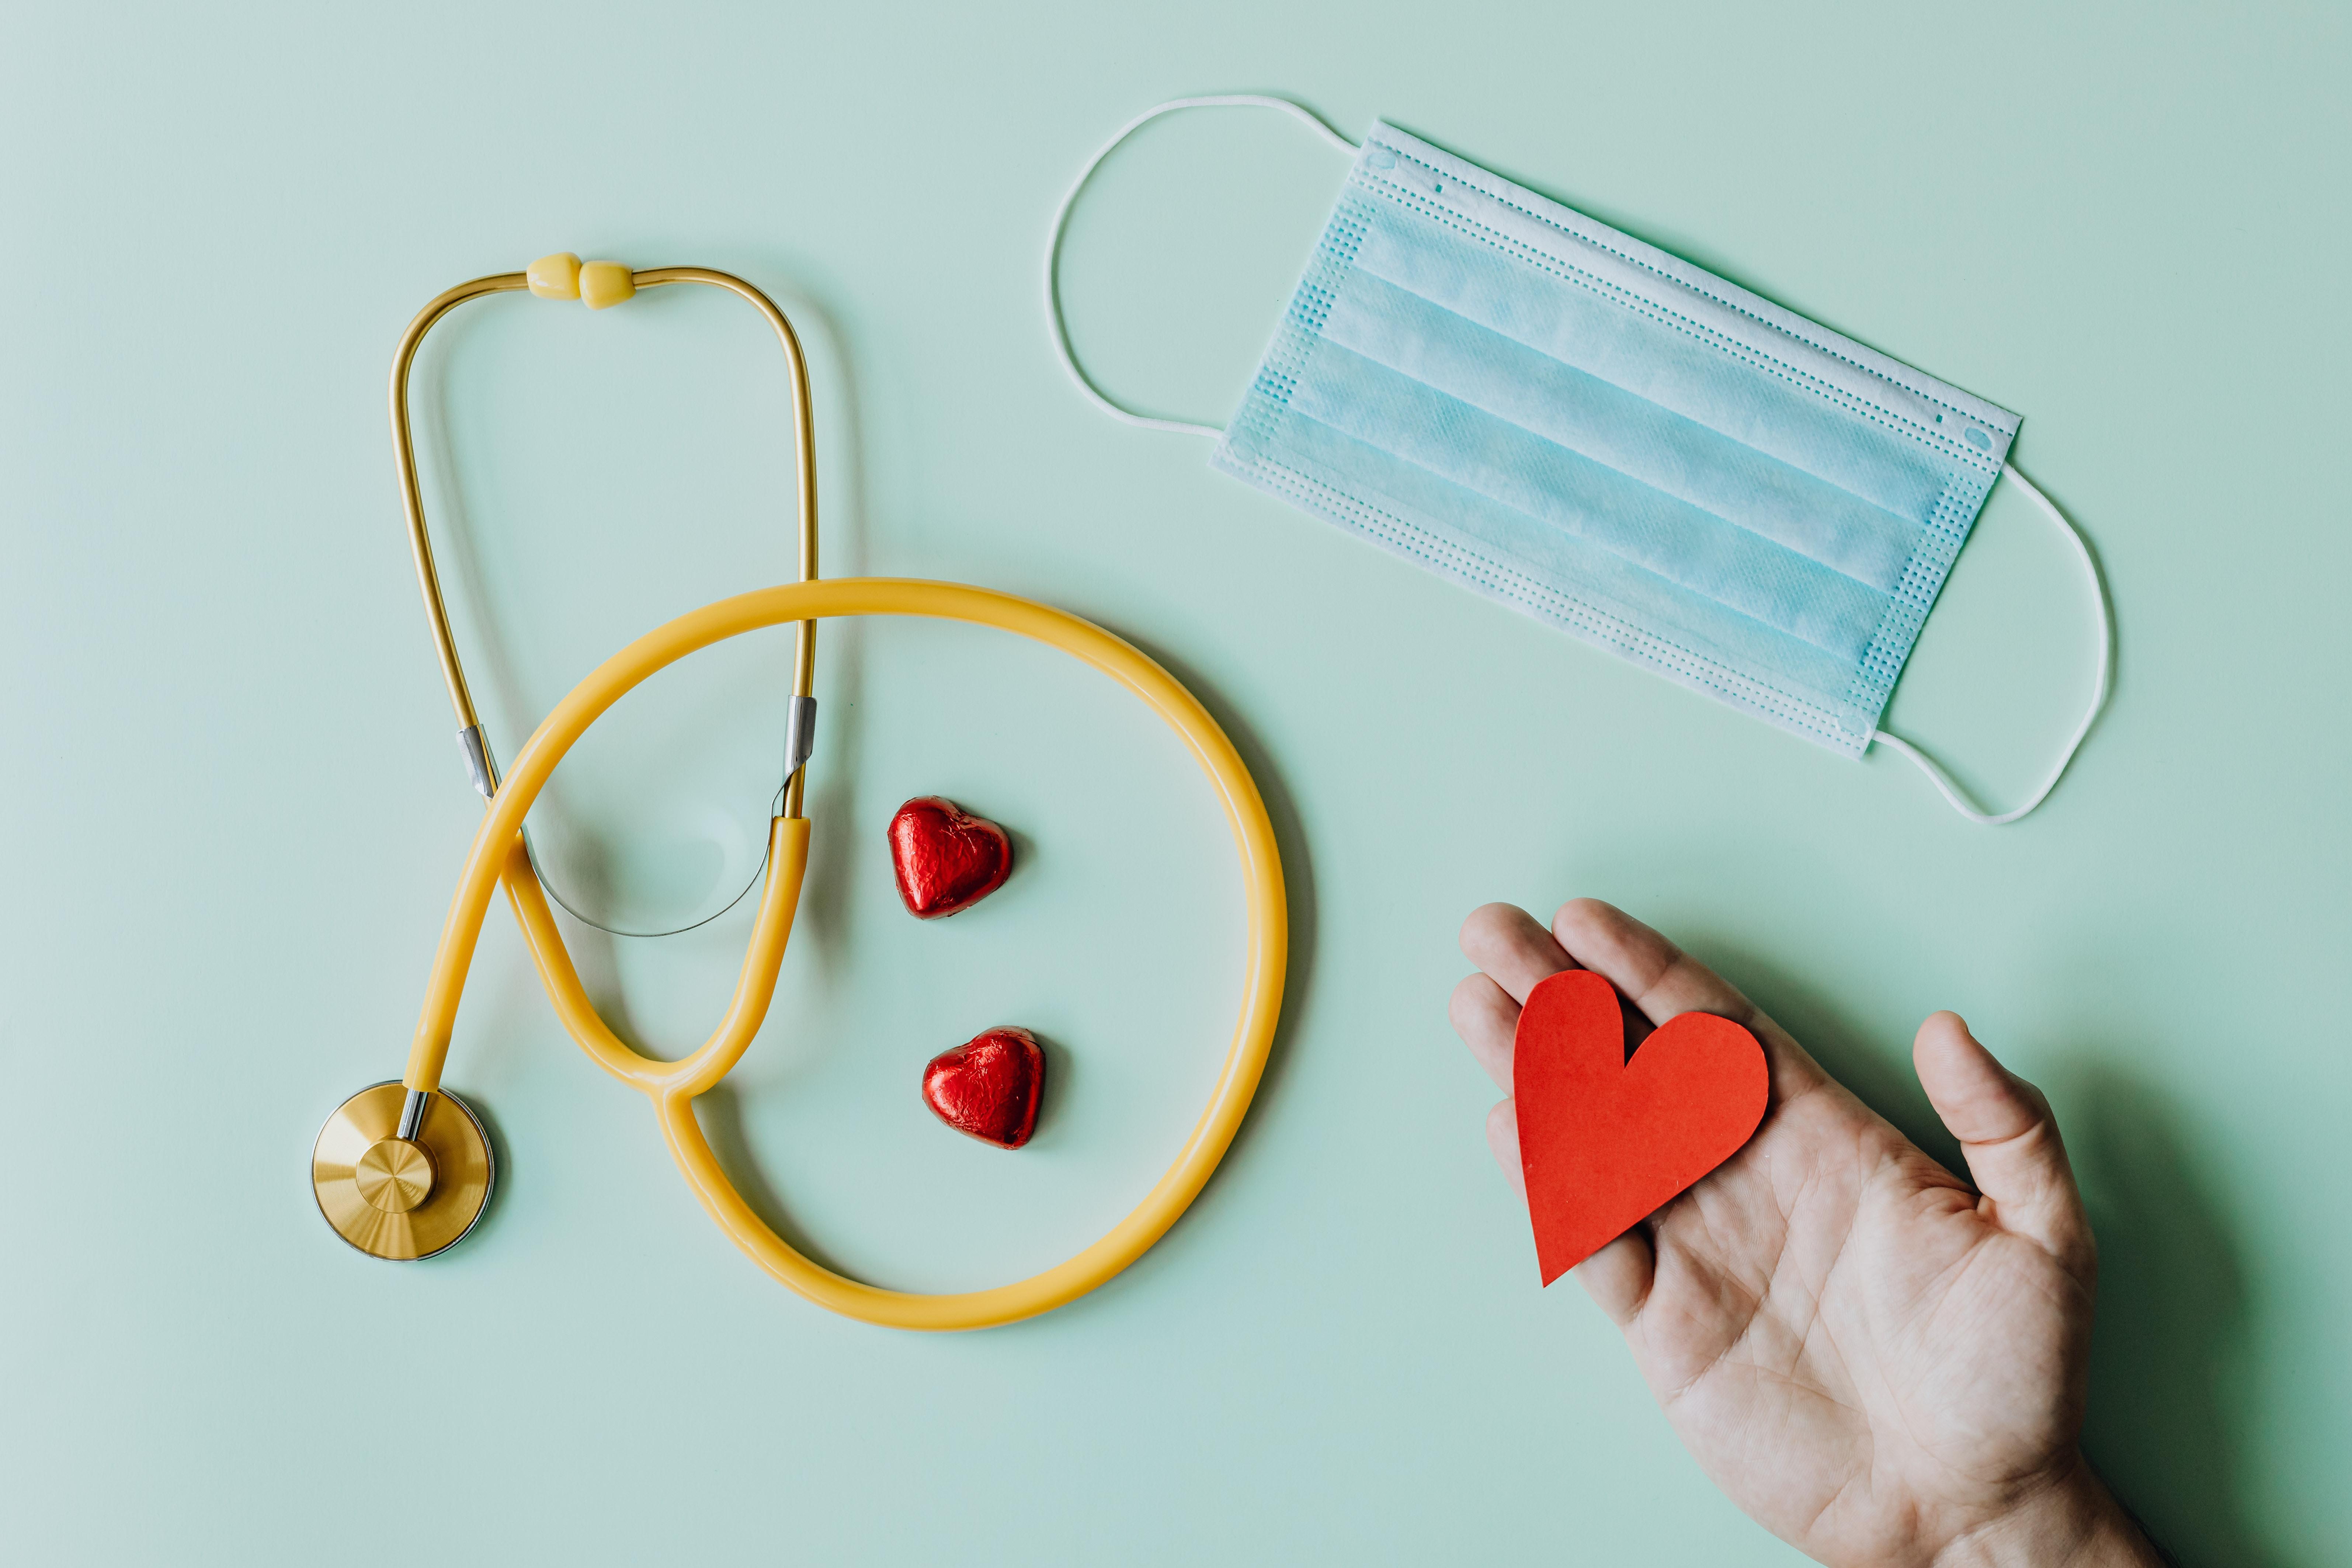 stethoscope & mask